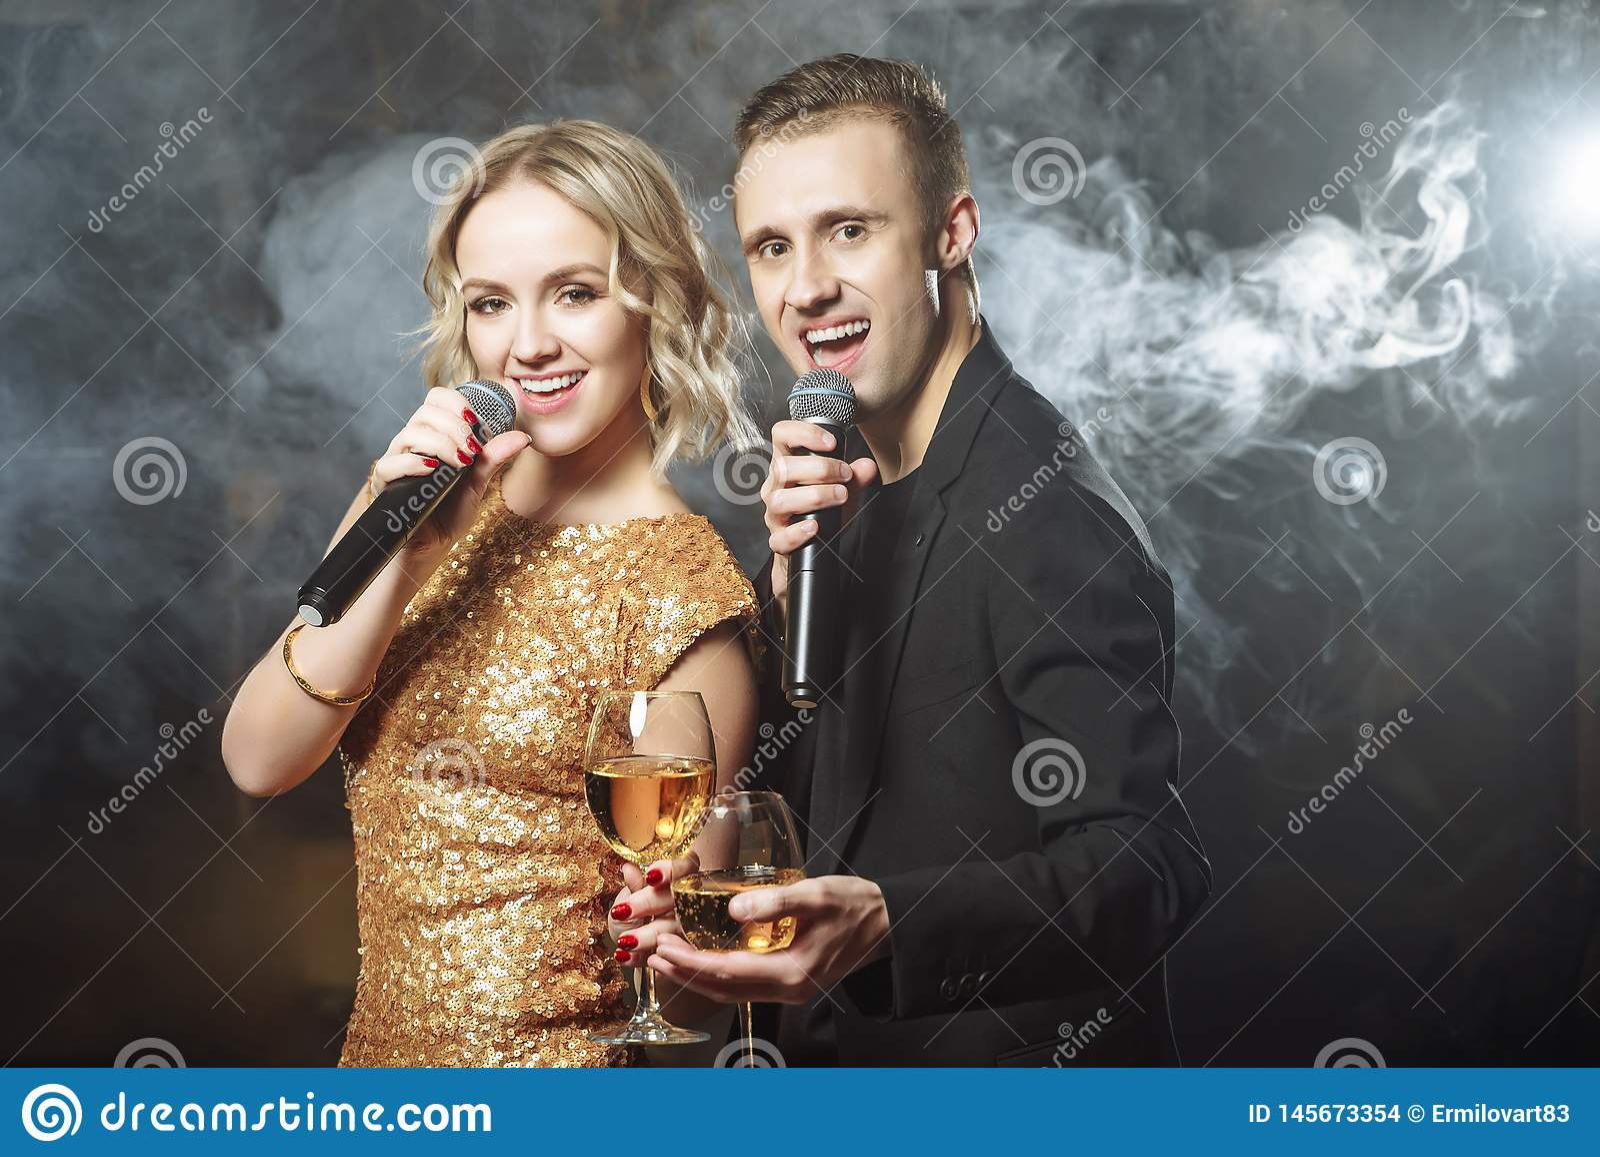 Portret van een jong gelukkig paar die in een microfoon in een club zingen